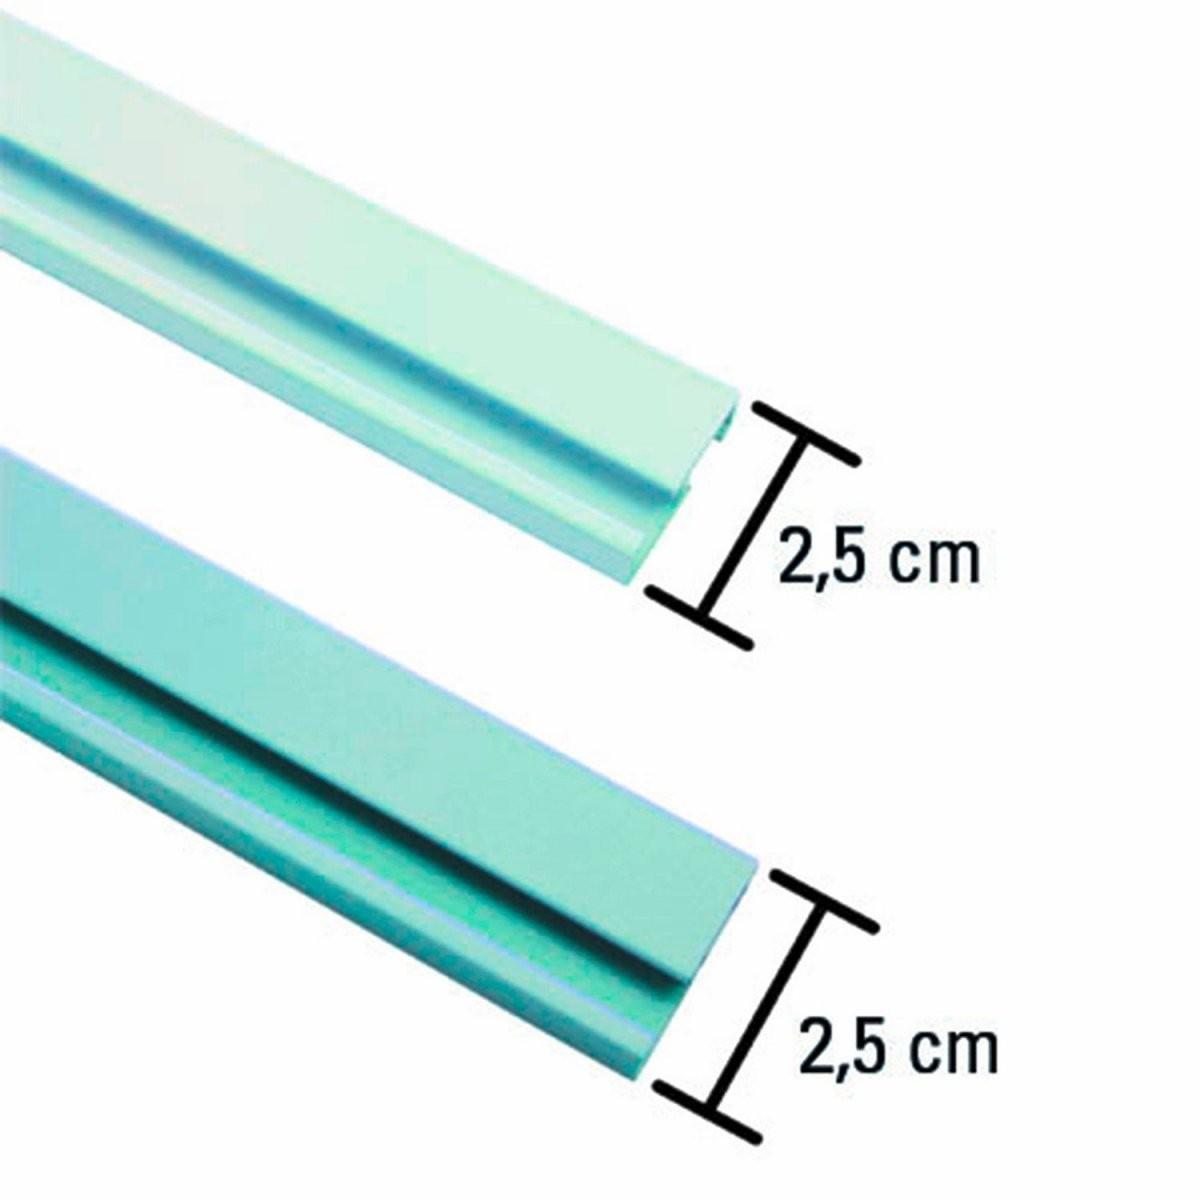 Gardinia Aluminiumvorhangschiene 1Läufig Weiß 150 Cm Kaufen Bei Obi von Gardinenschiene 1 Läufig Deckenmontage Photo